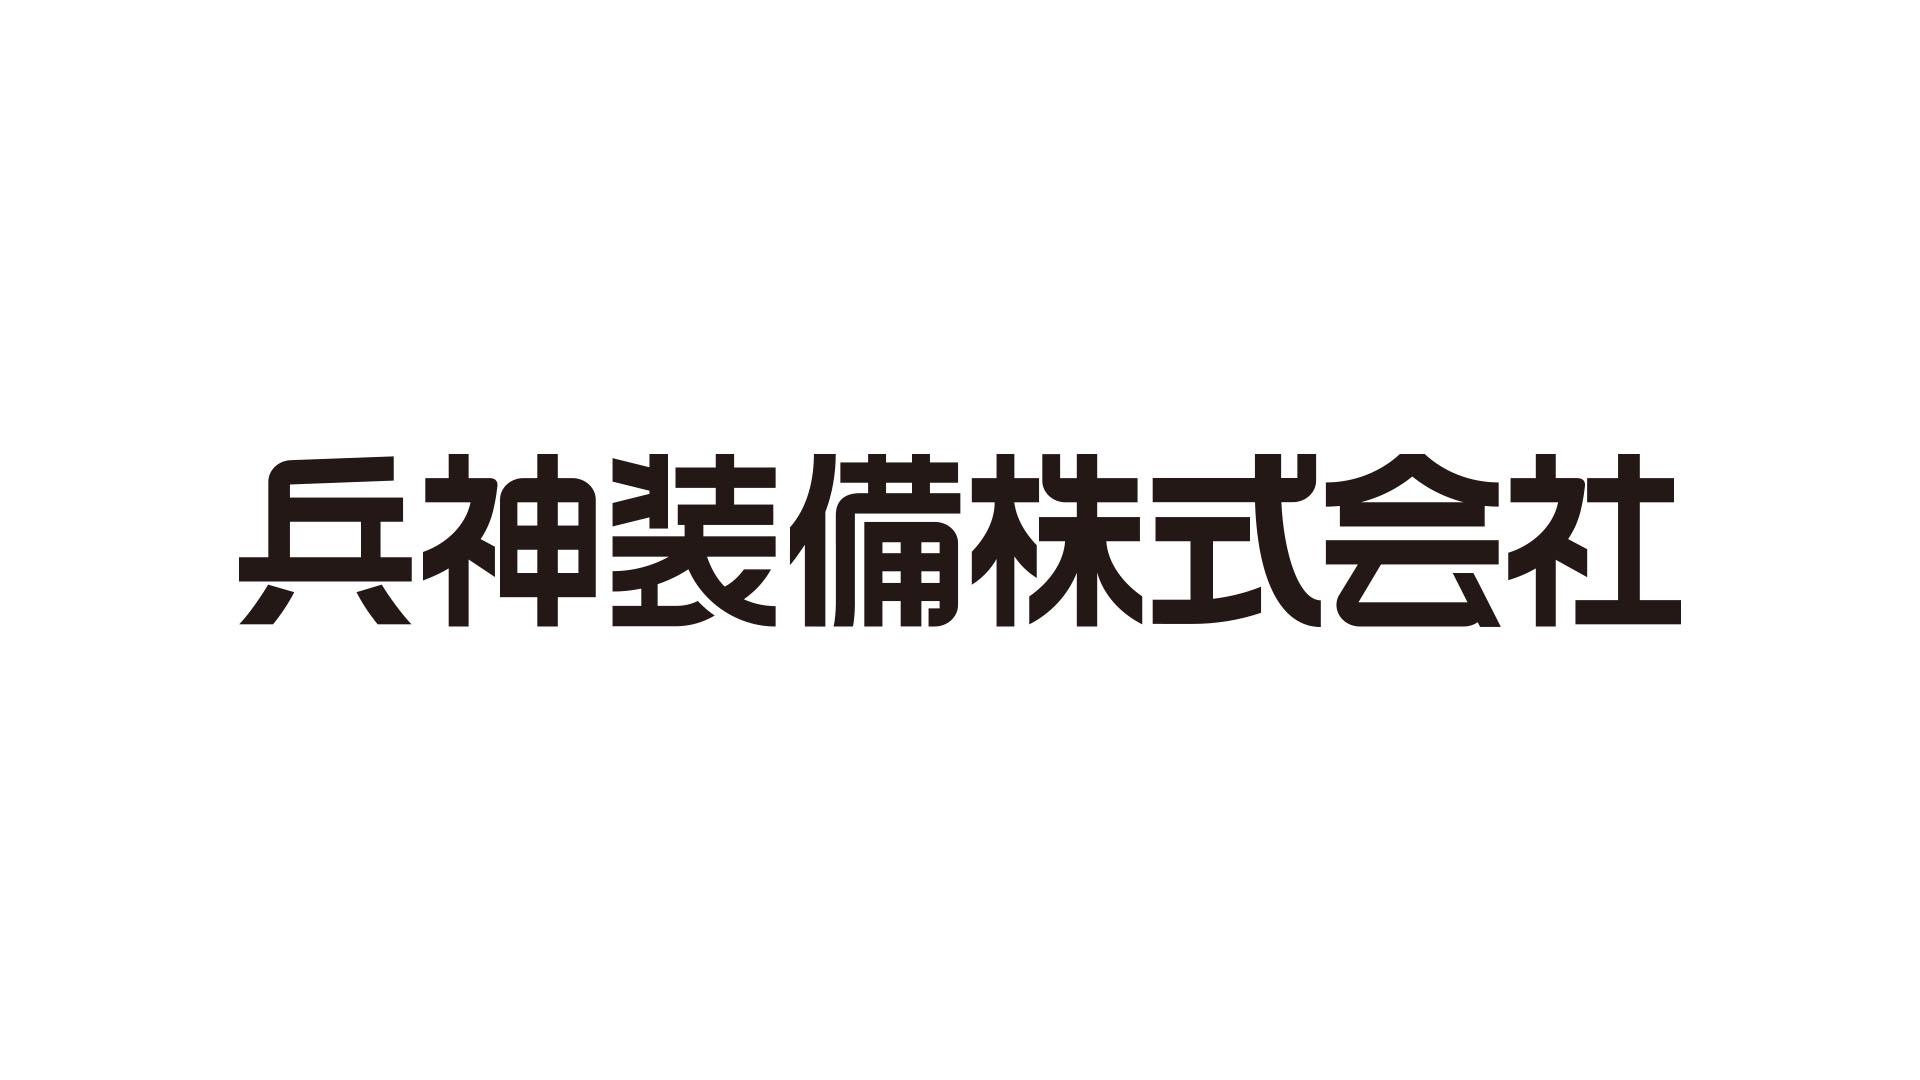 兵神装備株式会社